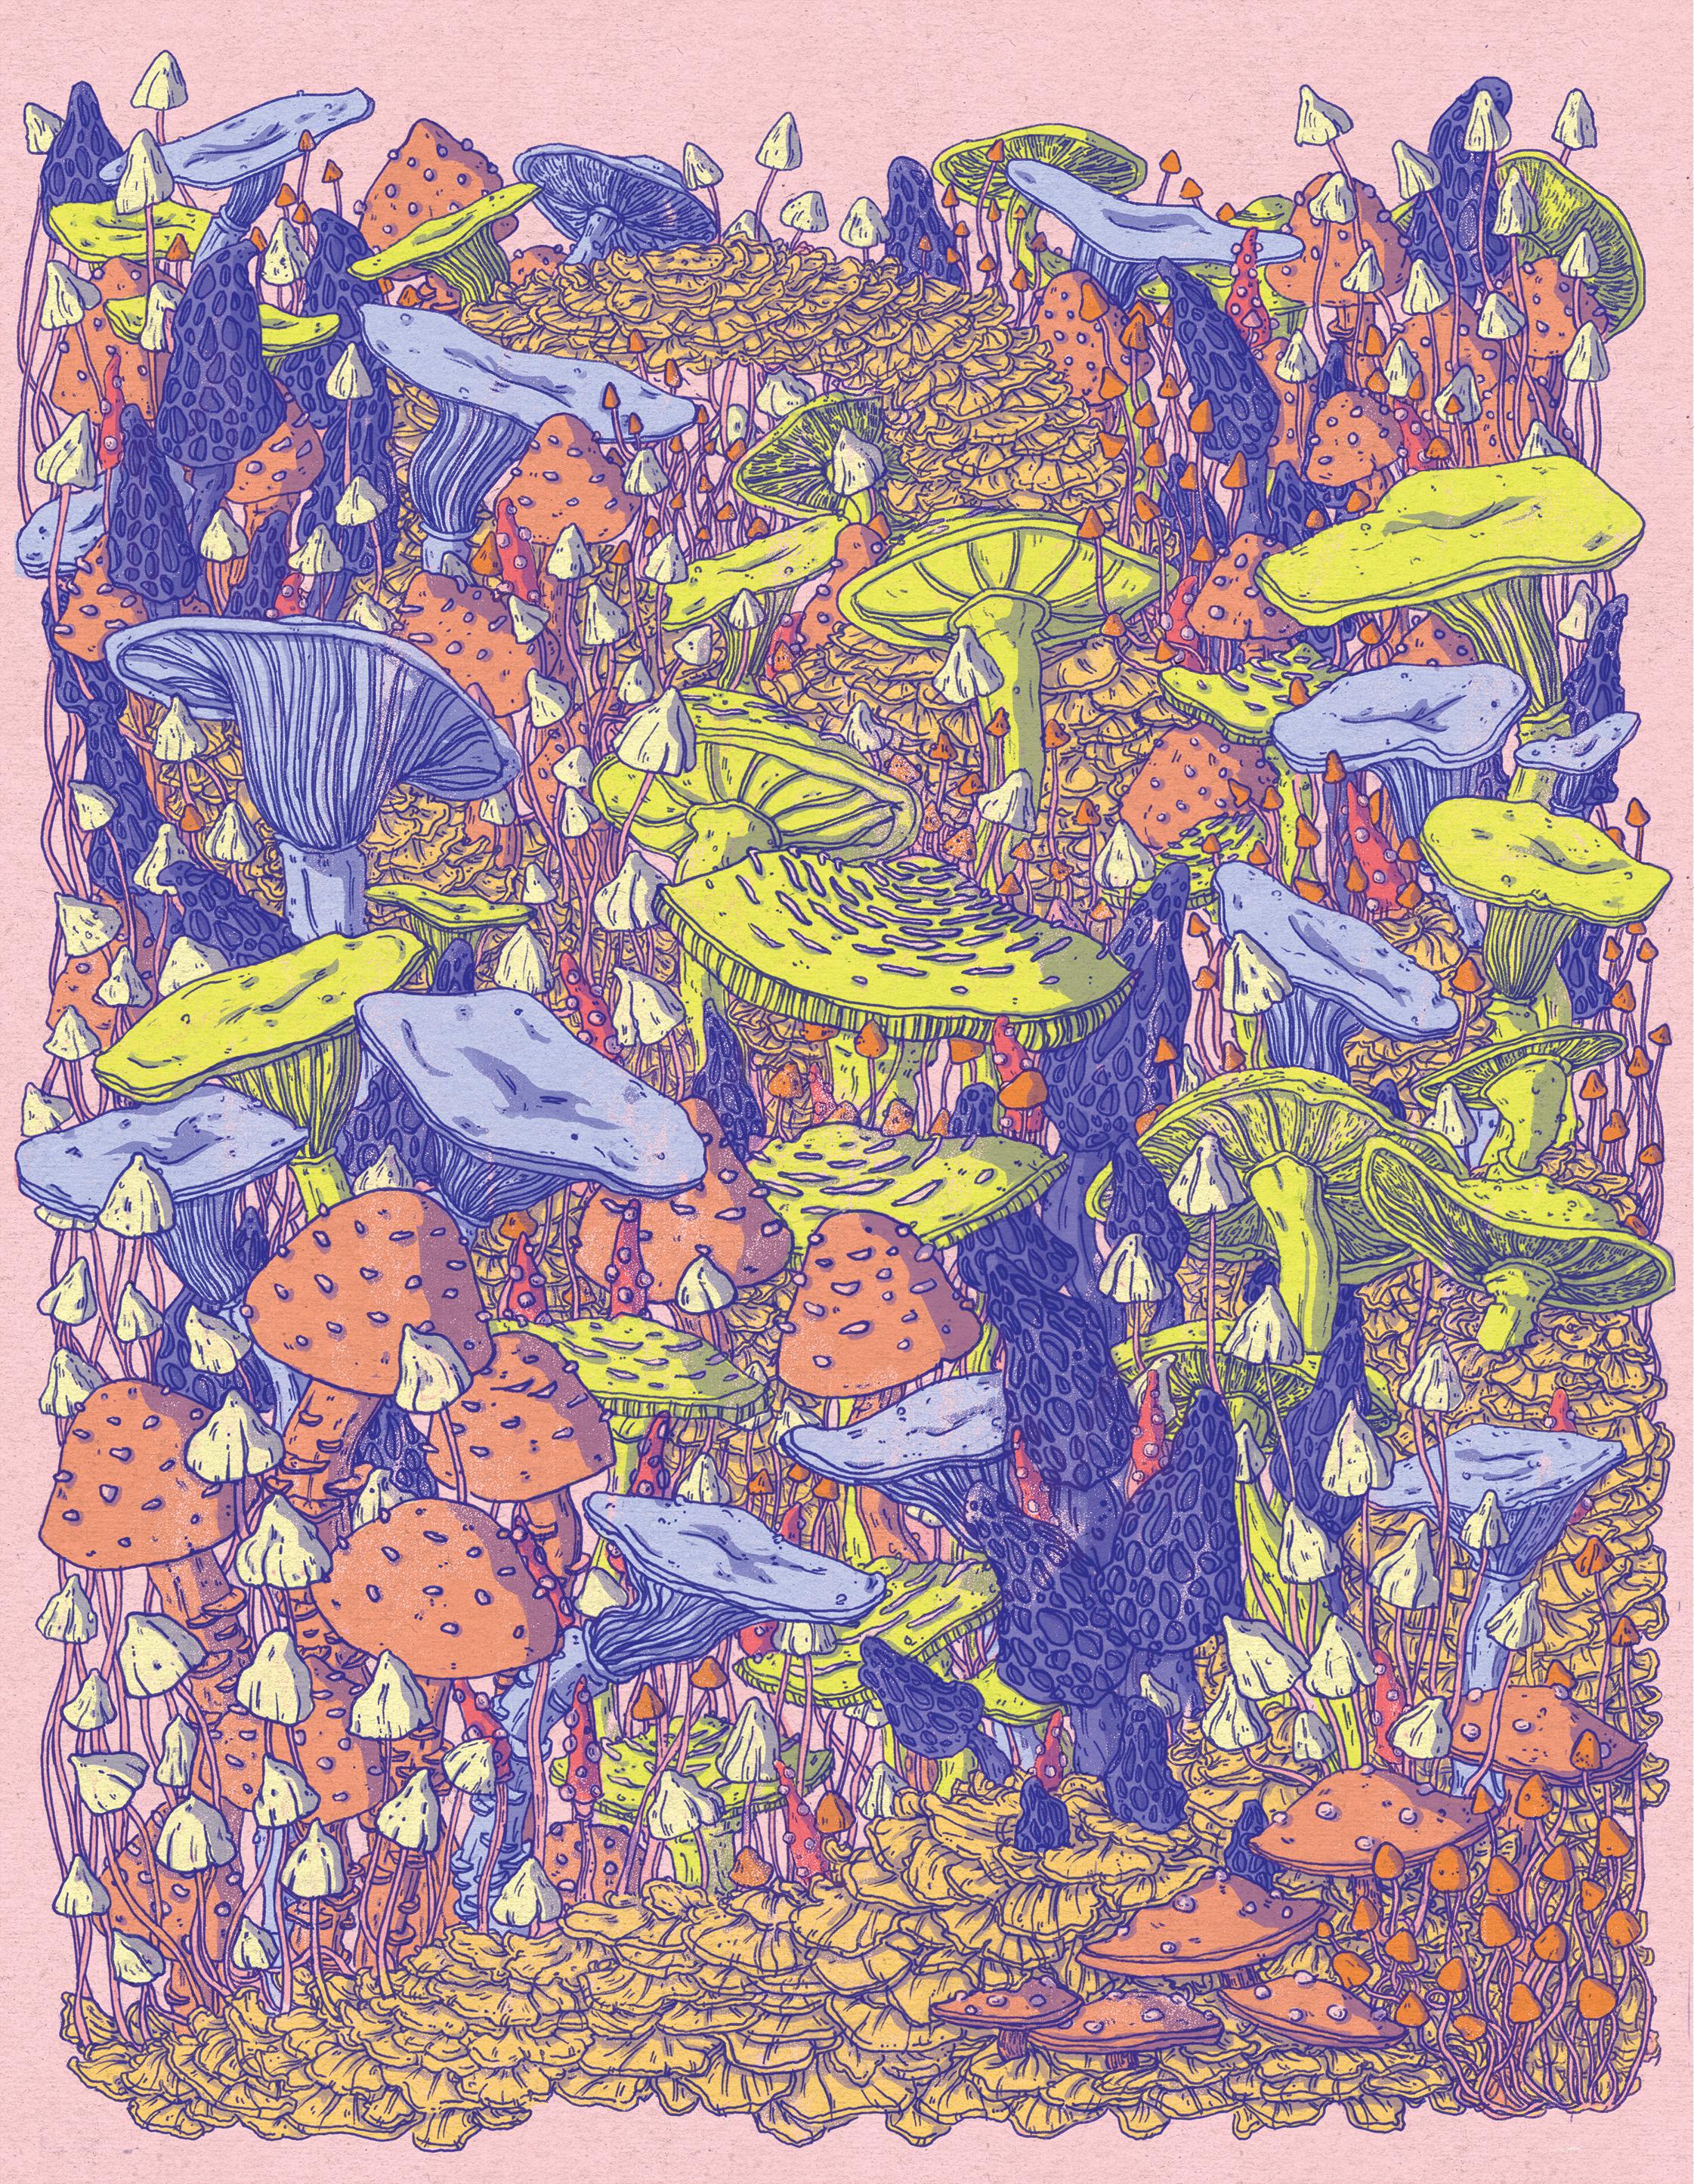 Mushrooms-byMeredithMiotke.jpg